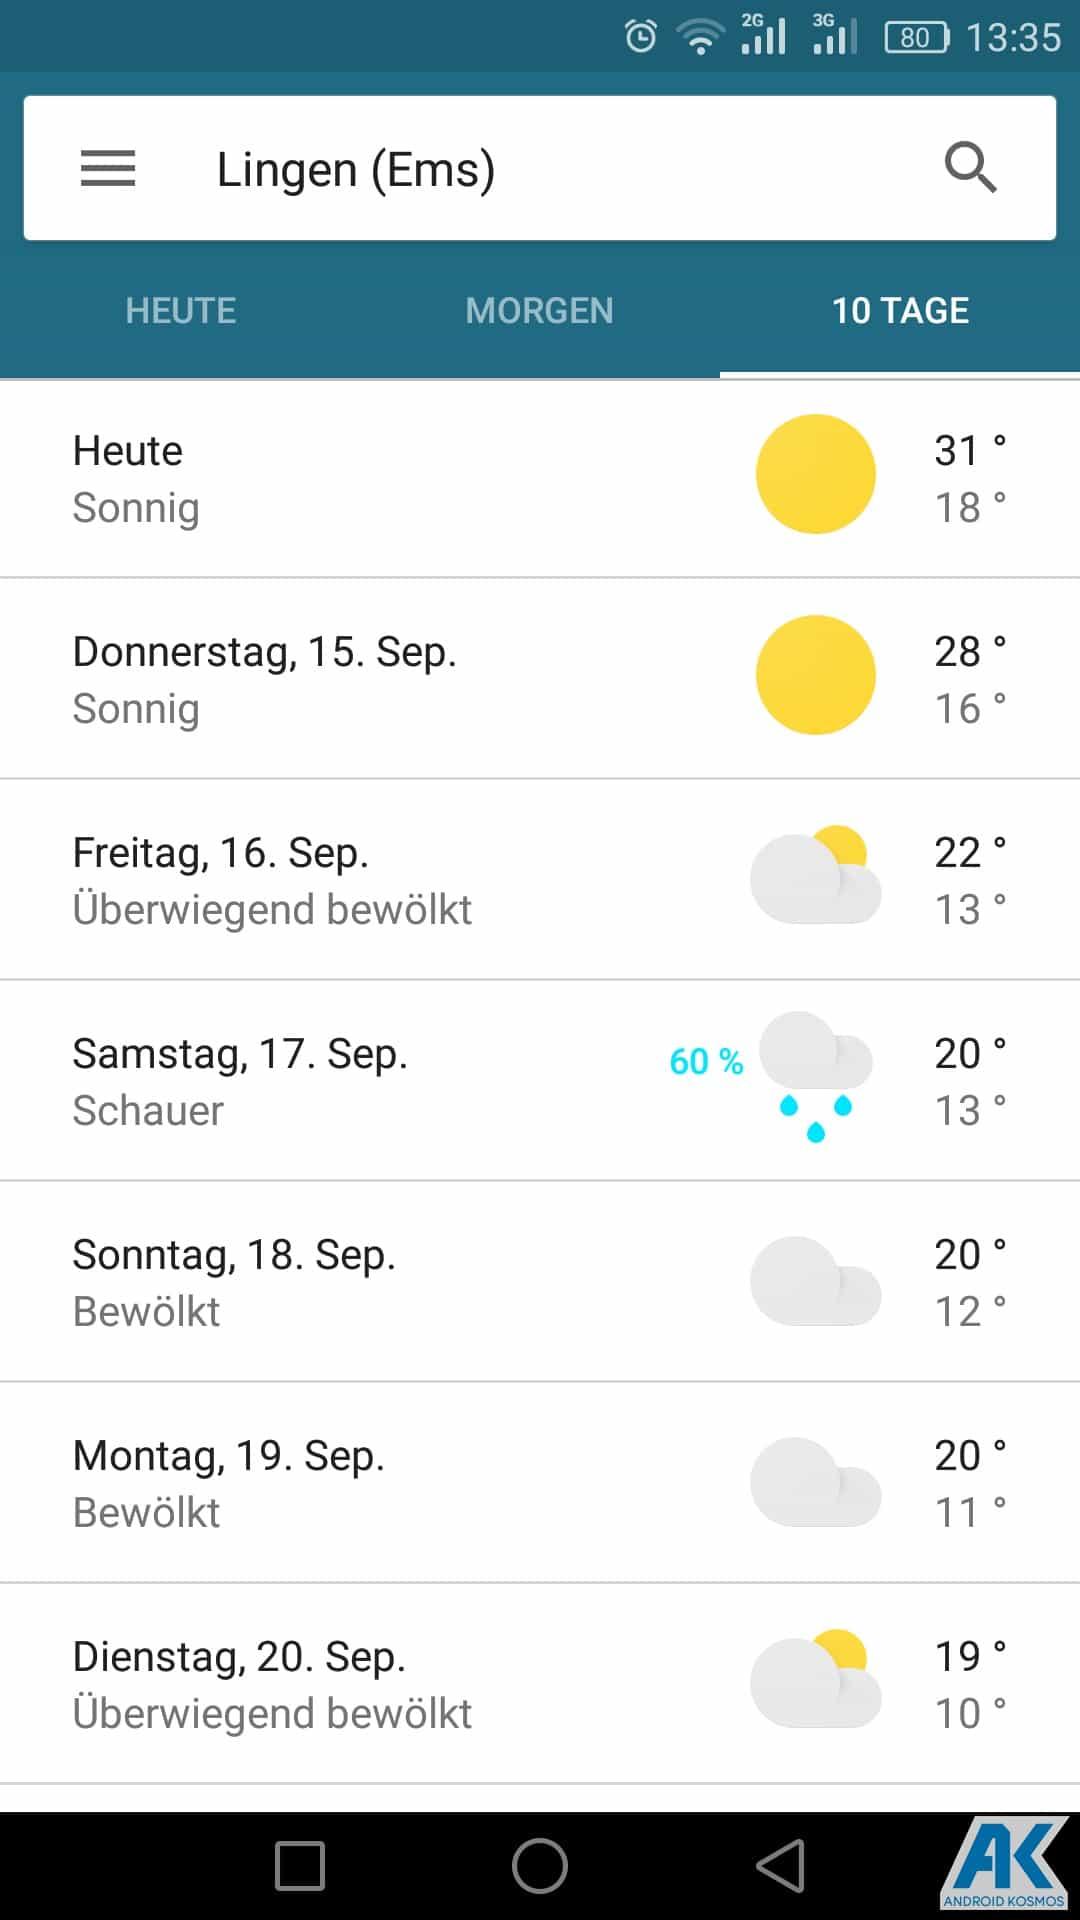 AndroidKosmos | Google Now Wetter-Karten jetzt auch für deutsche Nutzern verfügbar 8